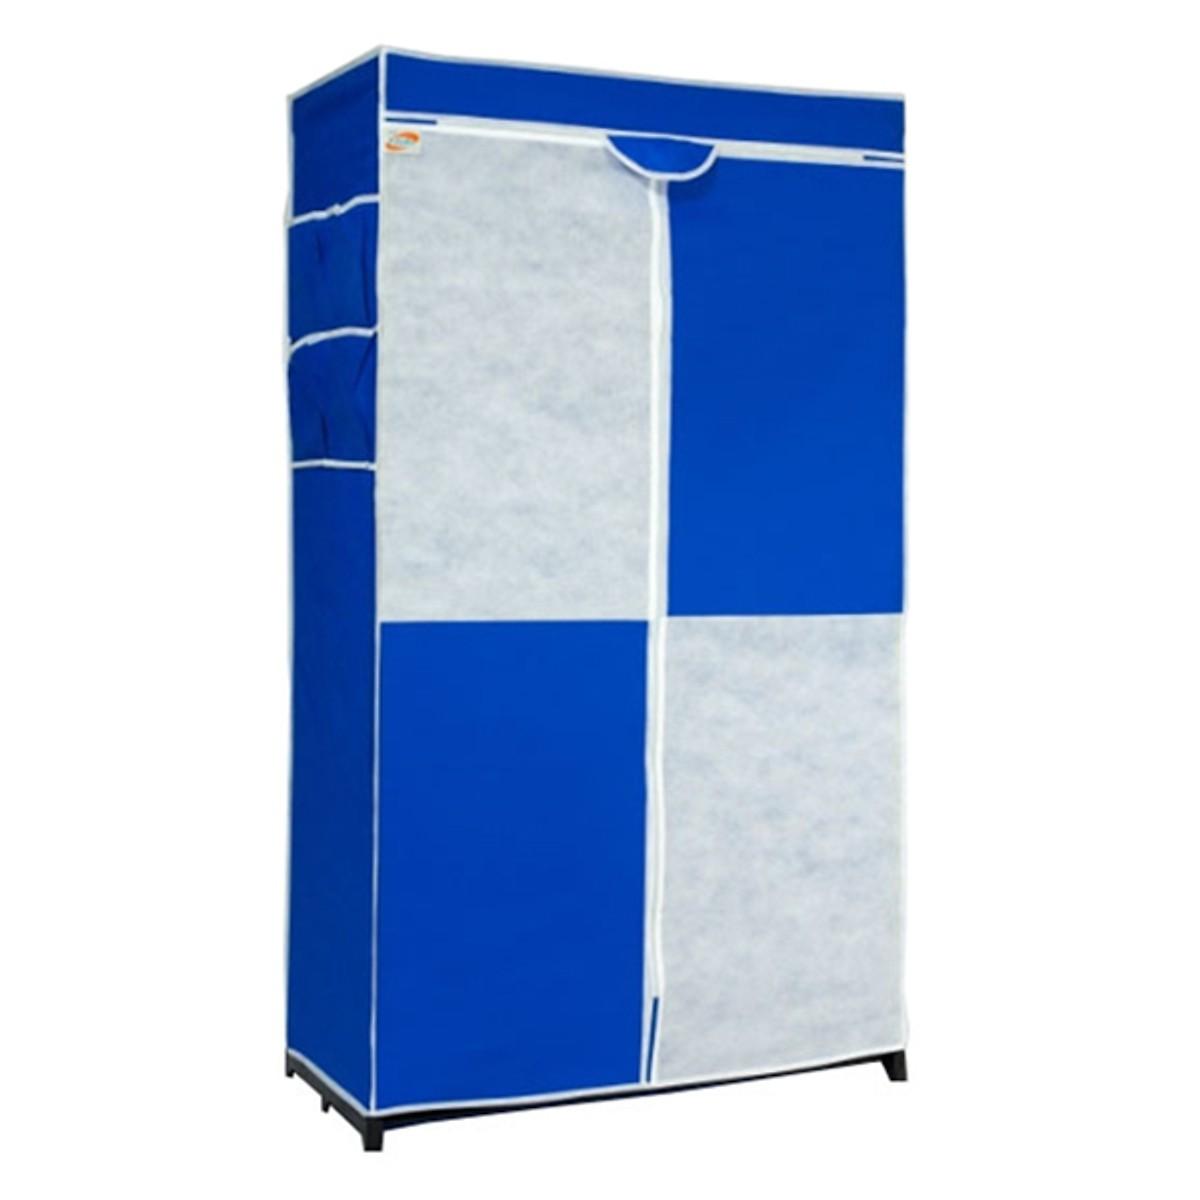 Bao áo tủ vải Thanh Long TVAI02 Sản phẩm Không bao gồm Khung sắt - Giao mầu ngẫu nhiên